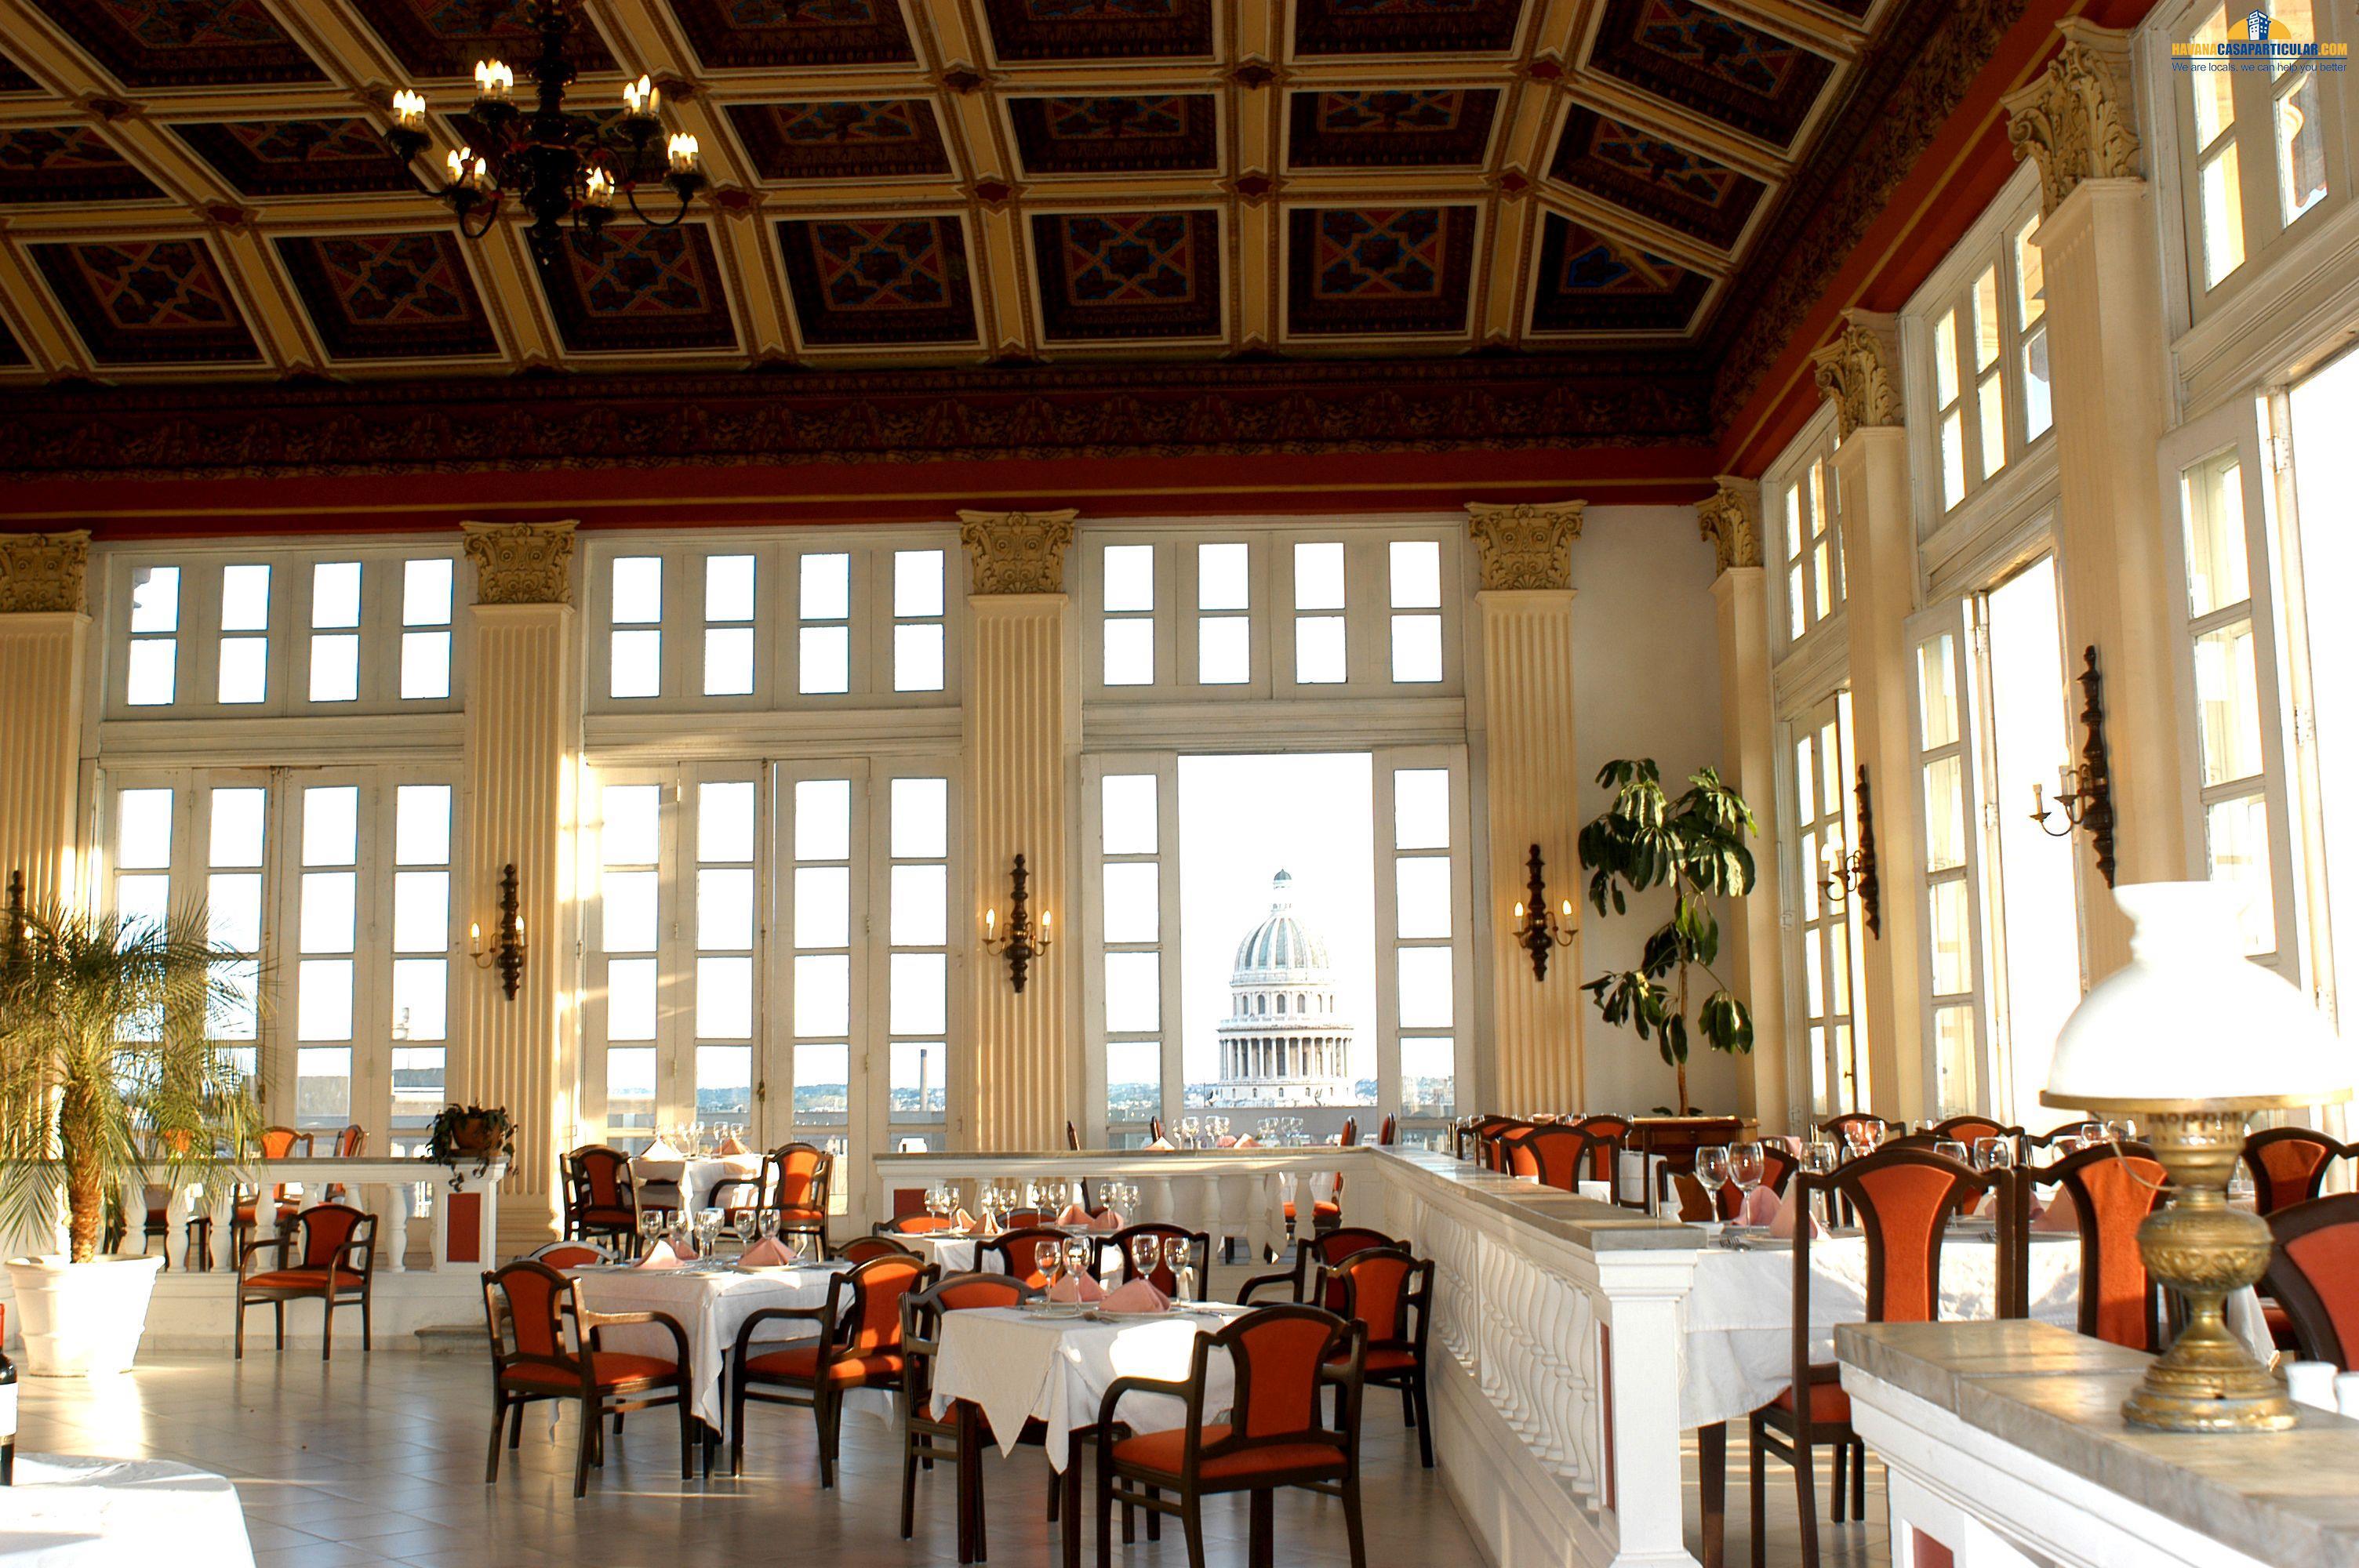 Hotels hotel mercure sevilla old havana havana city - Garden center sevilla ...